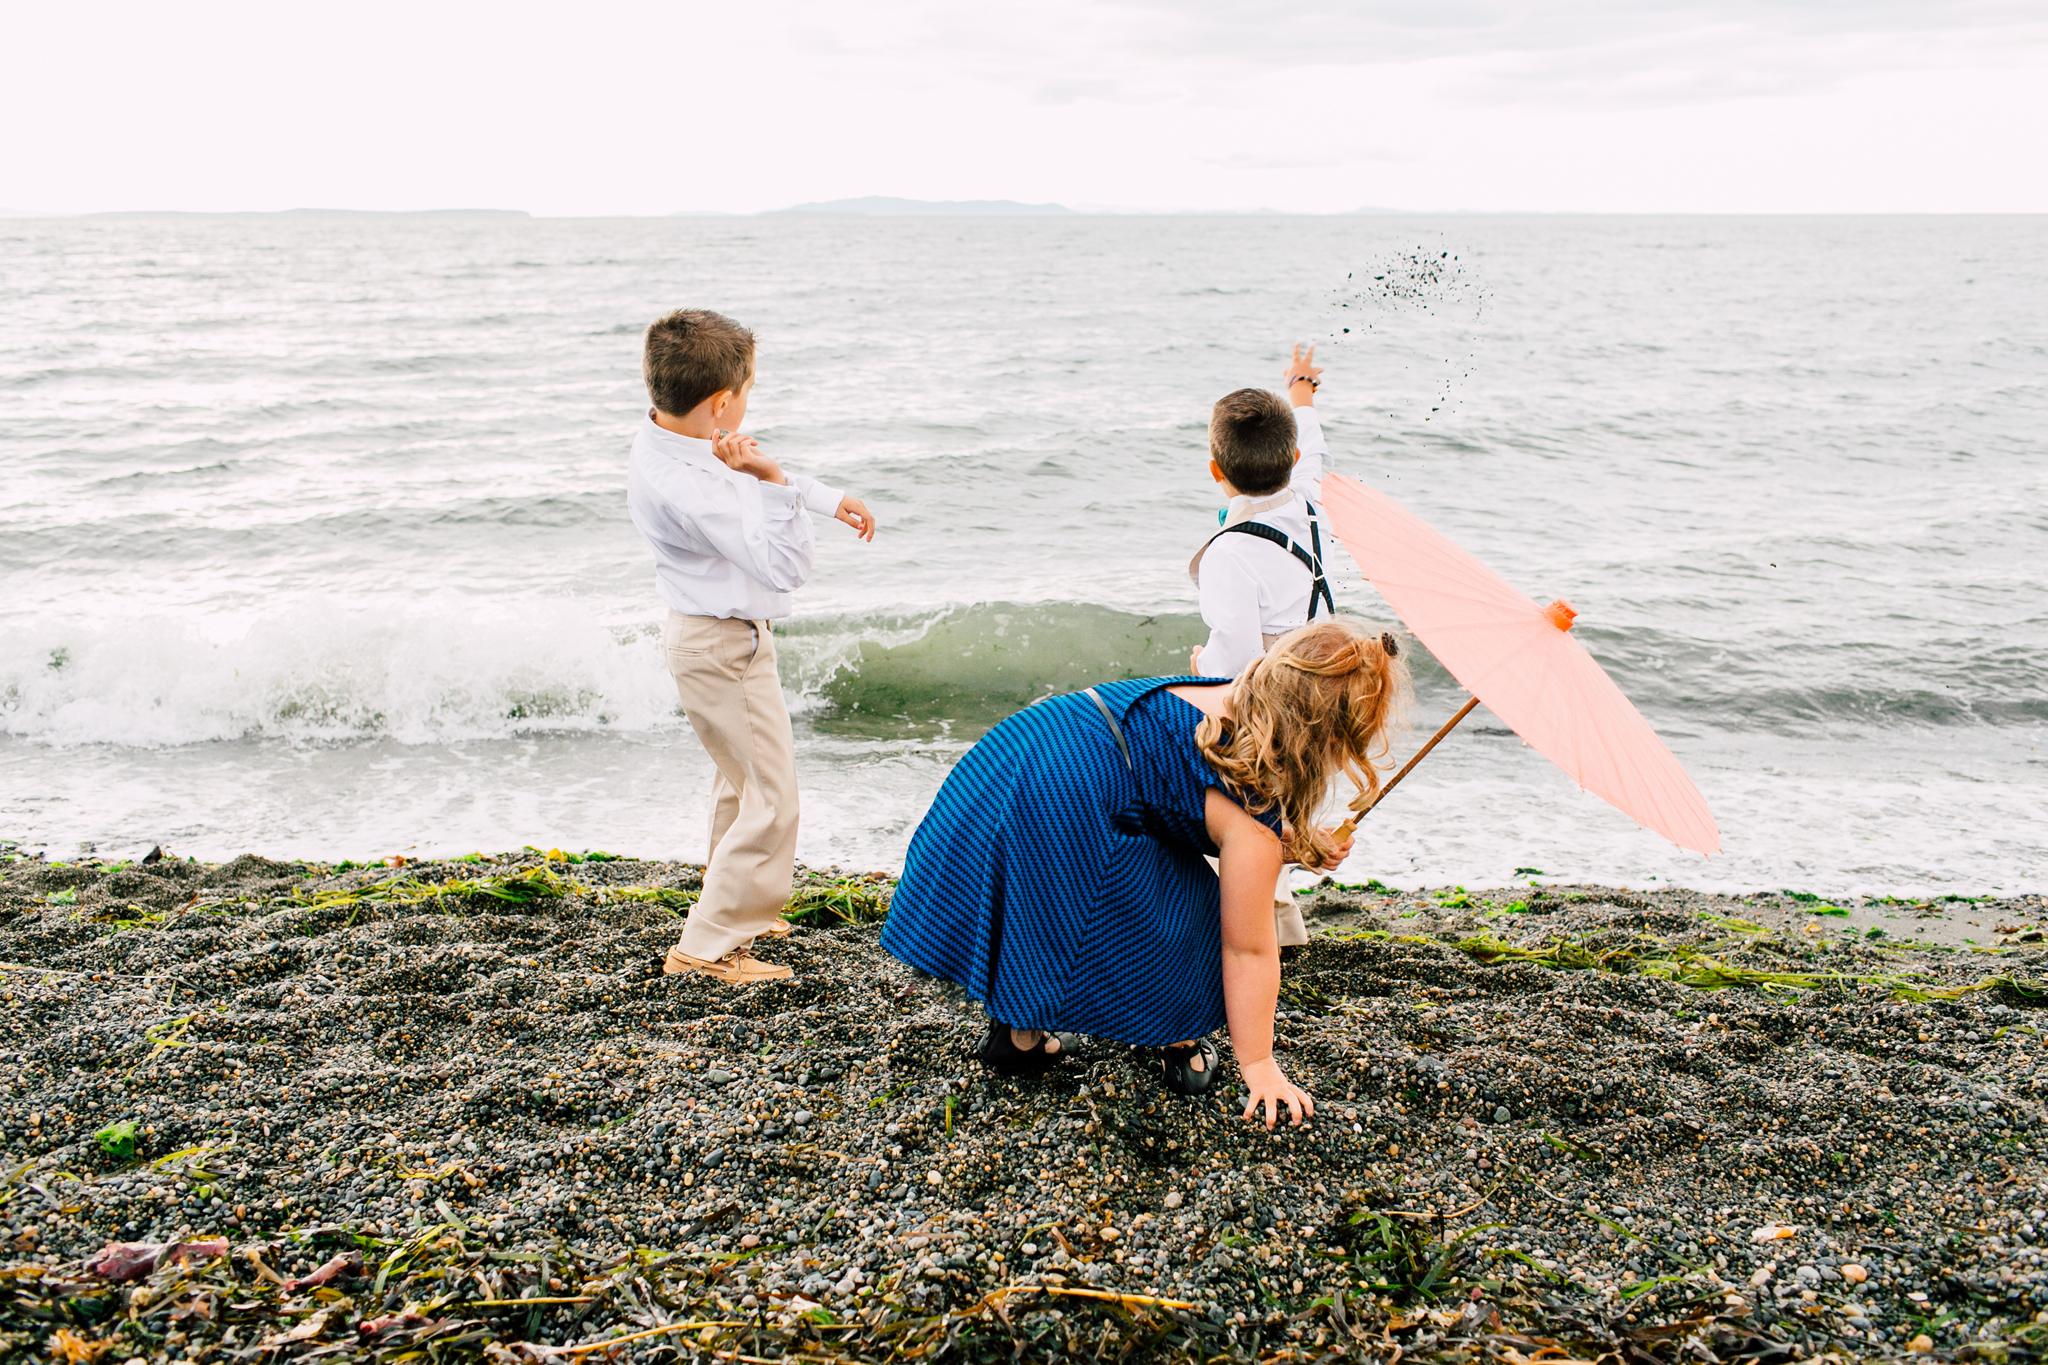 076-bellingham-wedding-photographer-beach-katheryn-moran-elisa-phillip.jpg